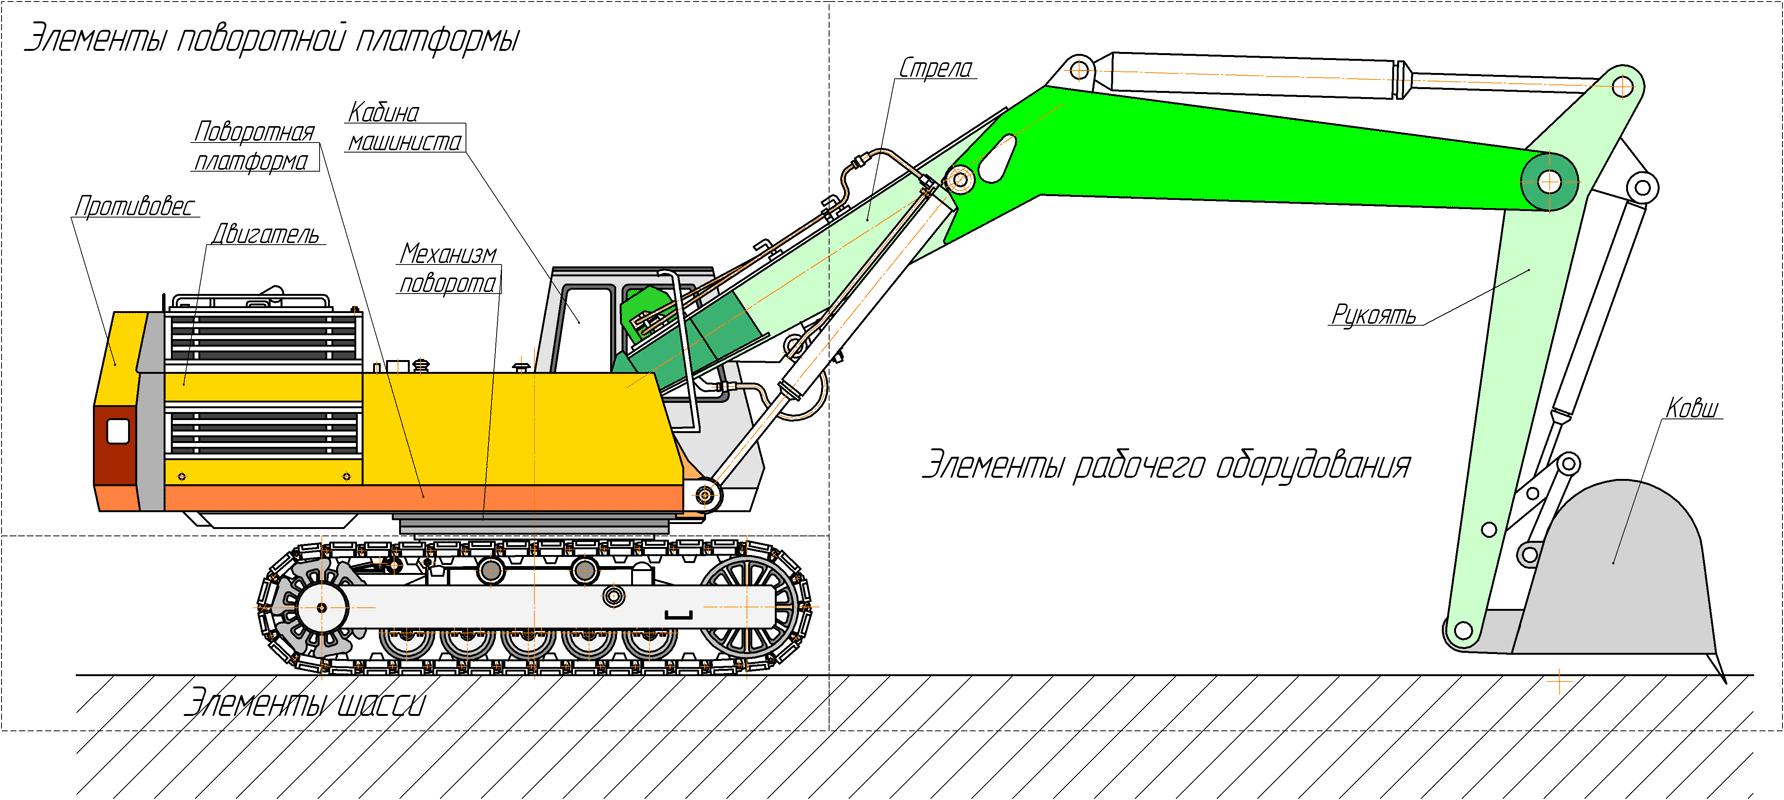 Самосвал Рисунок 1 Схема полноповоротного гусеничного экскаватора